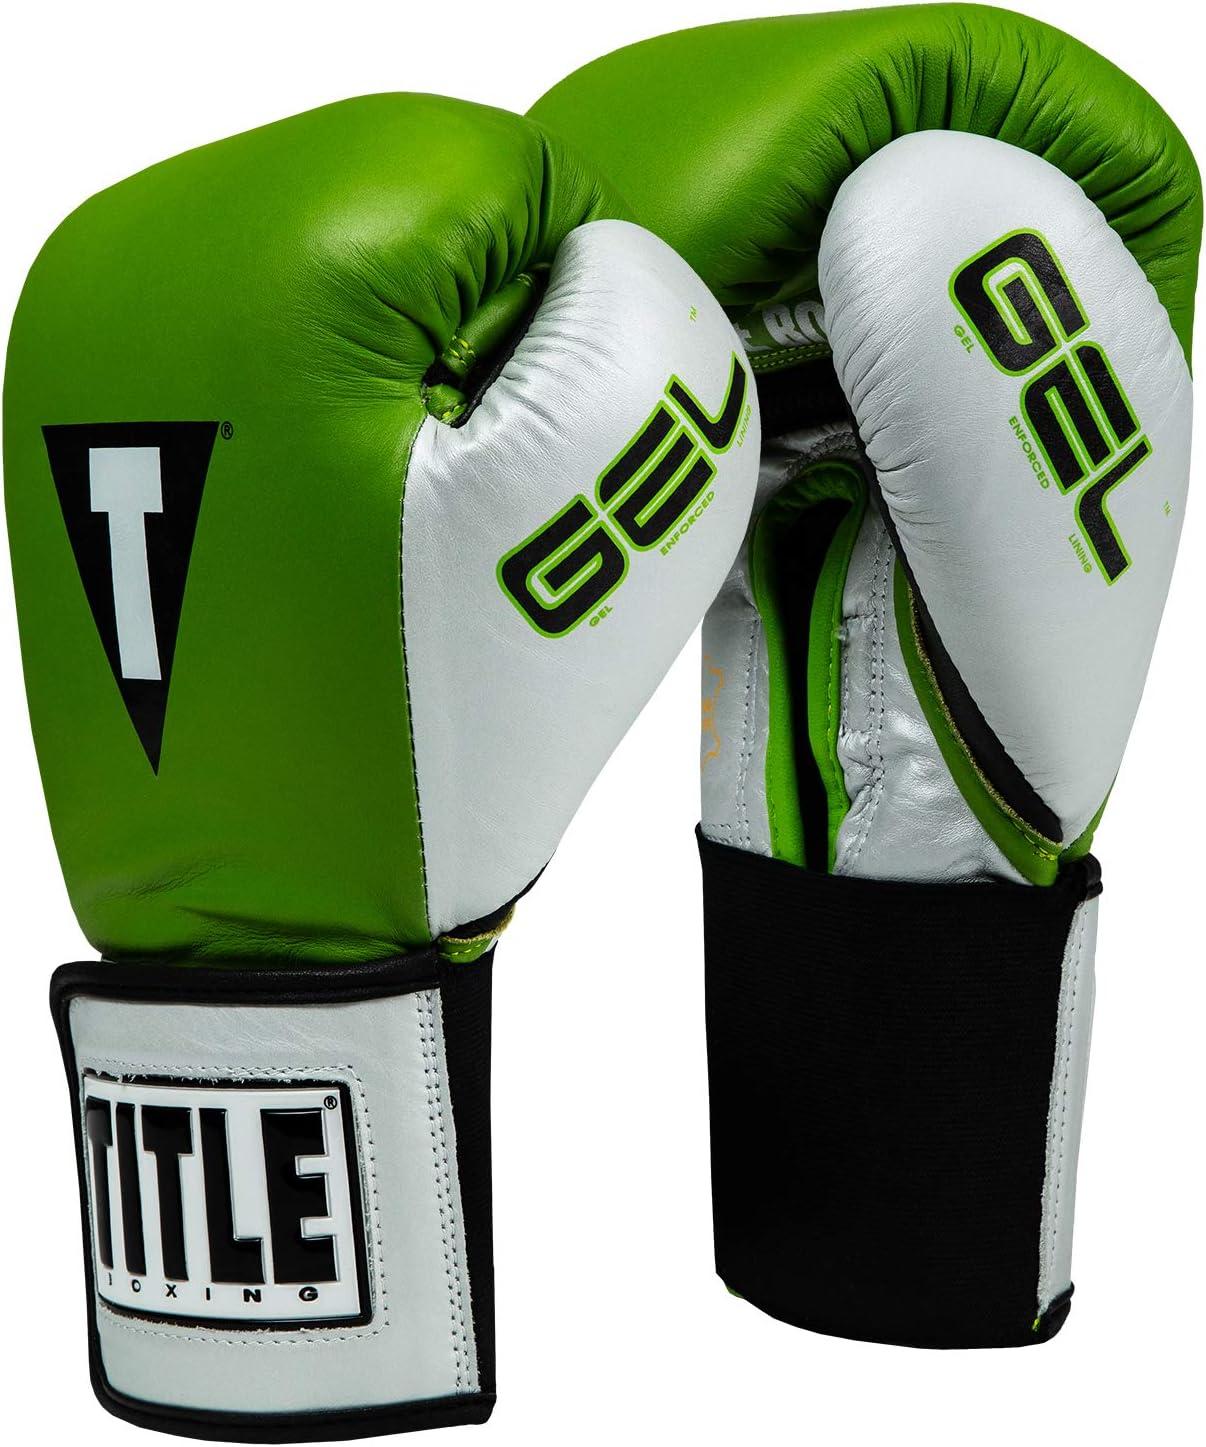 タイトルジェルWorld v2tトレーニング手袋 緑/銀/黒 16 oz